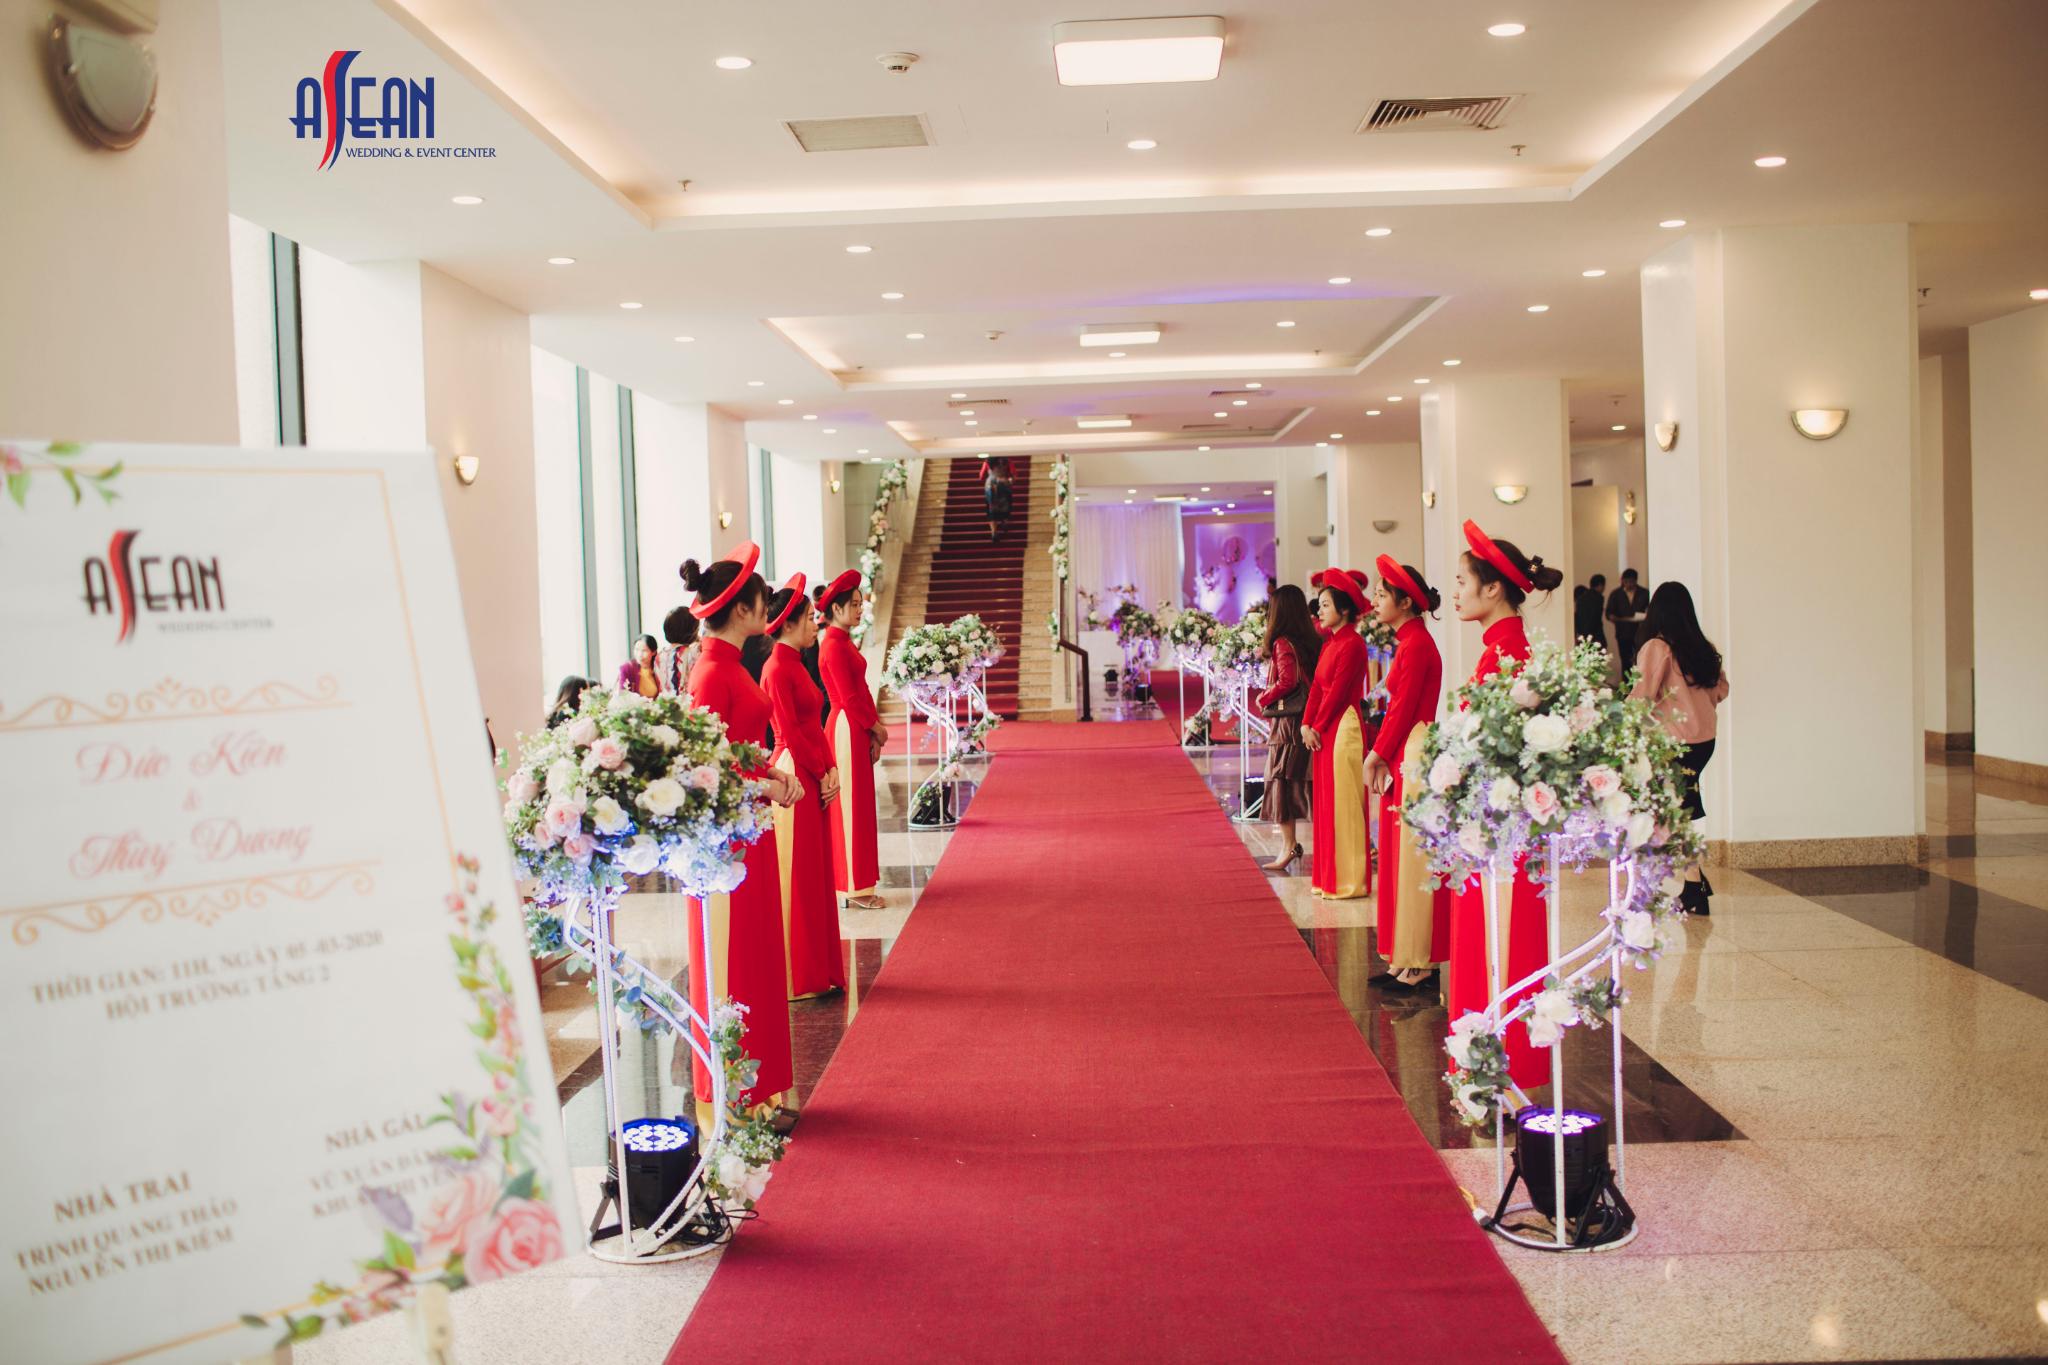 Sảnh đón khách tại trung tâm tiệc cưới Asean Nhà khách Bộ Quốc Phòng 266 Thụy Khuê